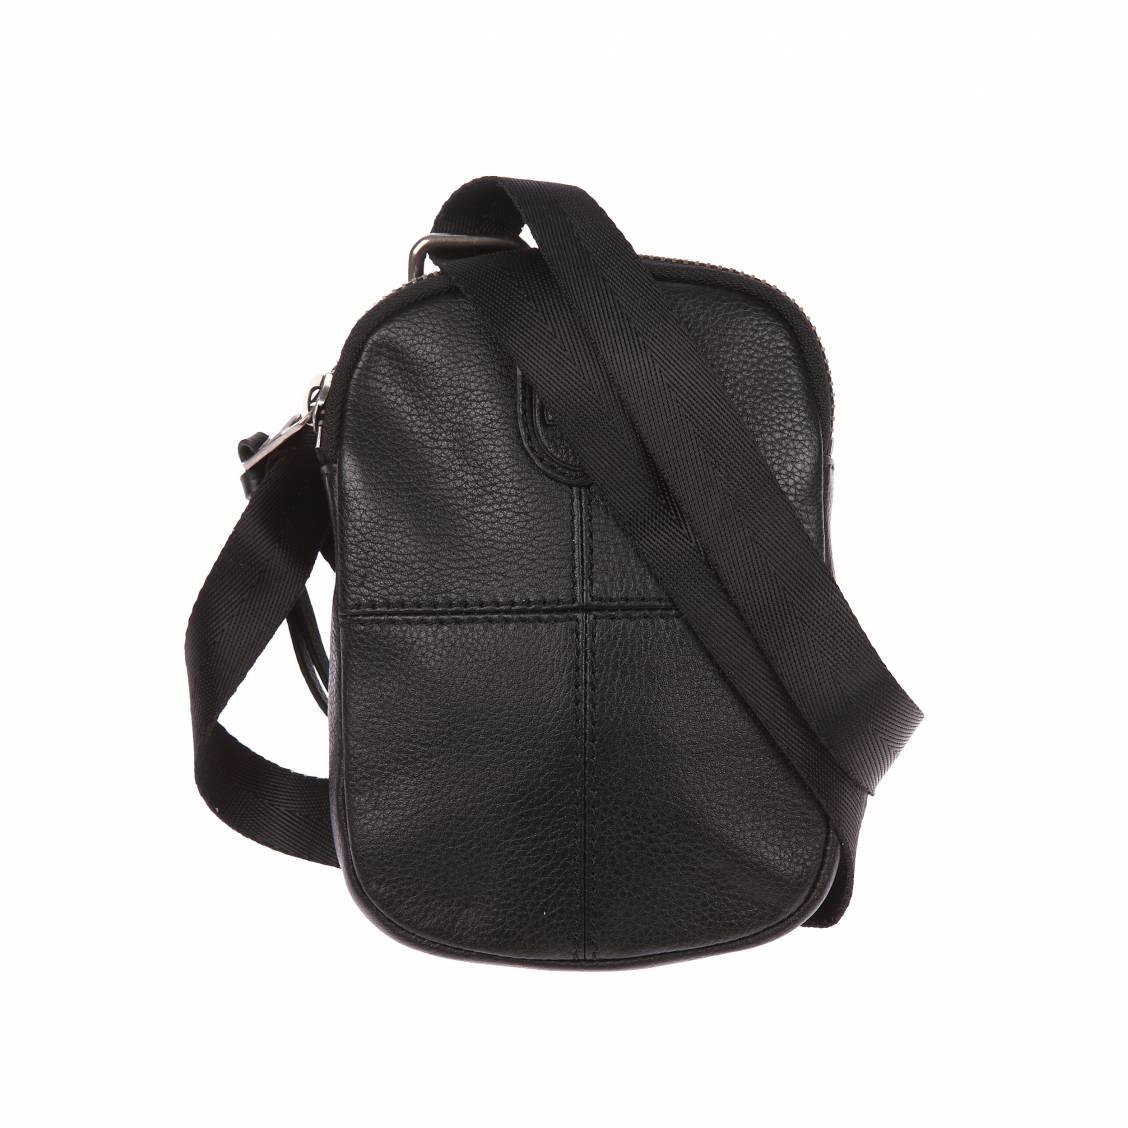 Sacoche plate zippée à bandoulière  en cuir noir texturé et surpiqûres ton sur ton